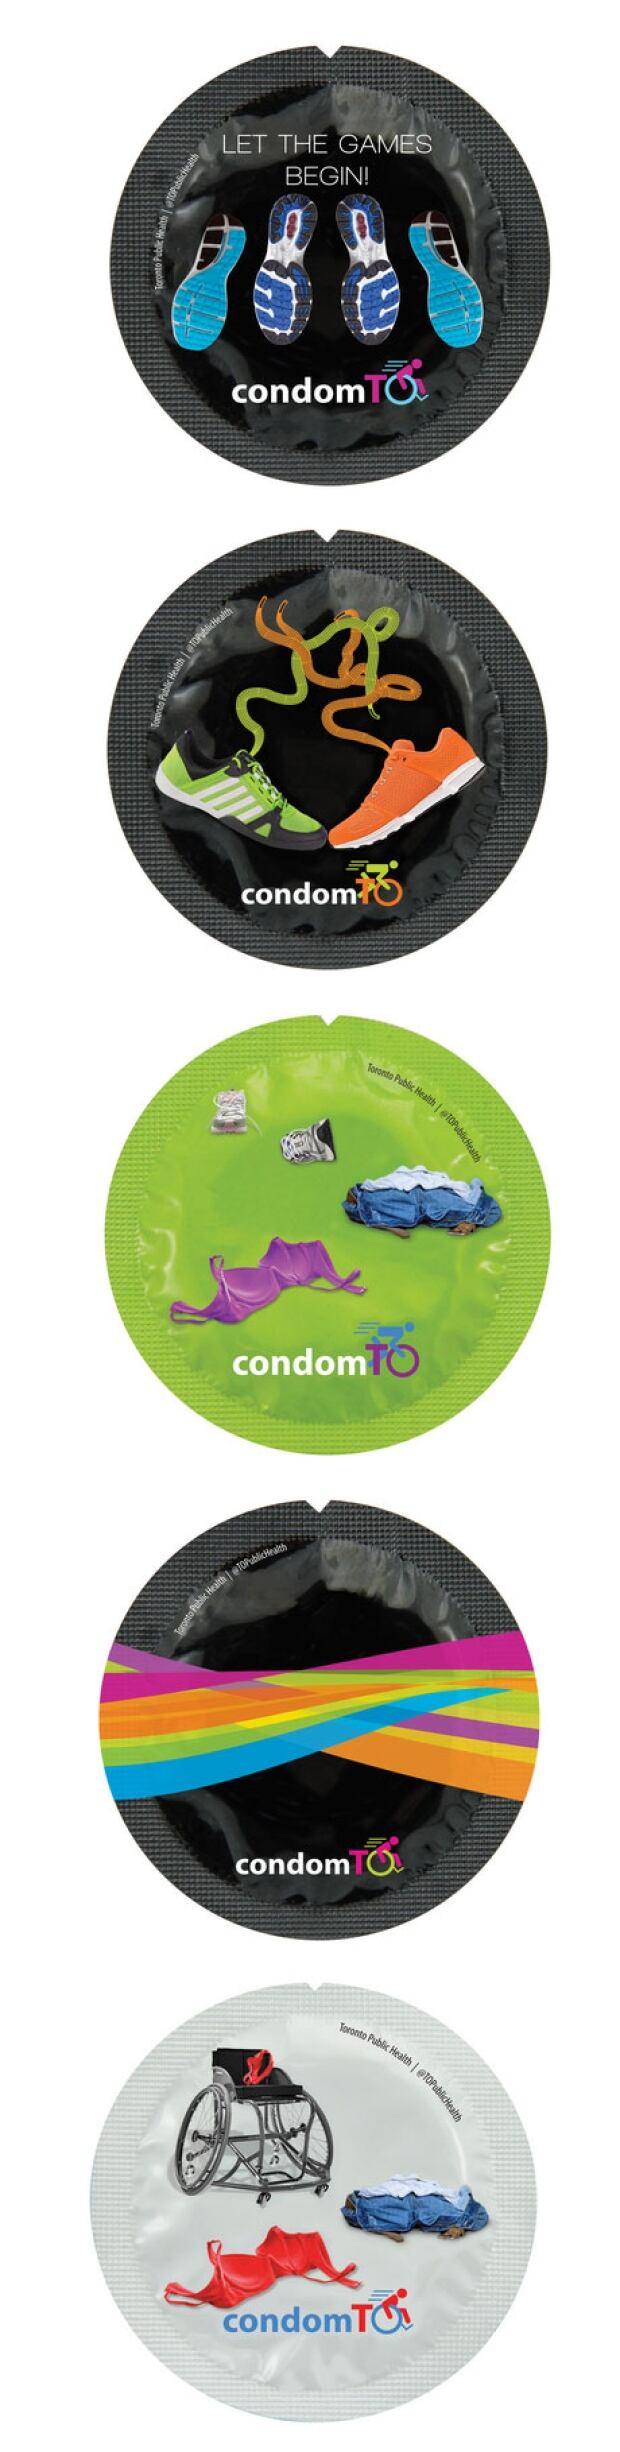 Torotno-branded condoms